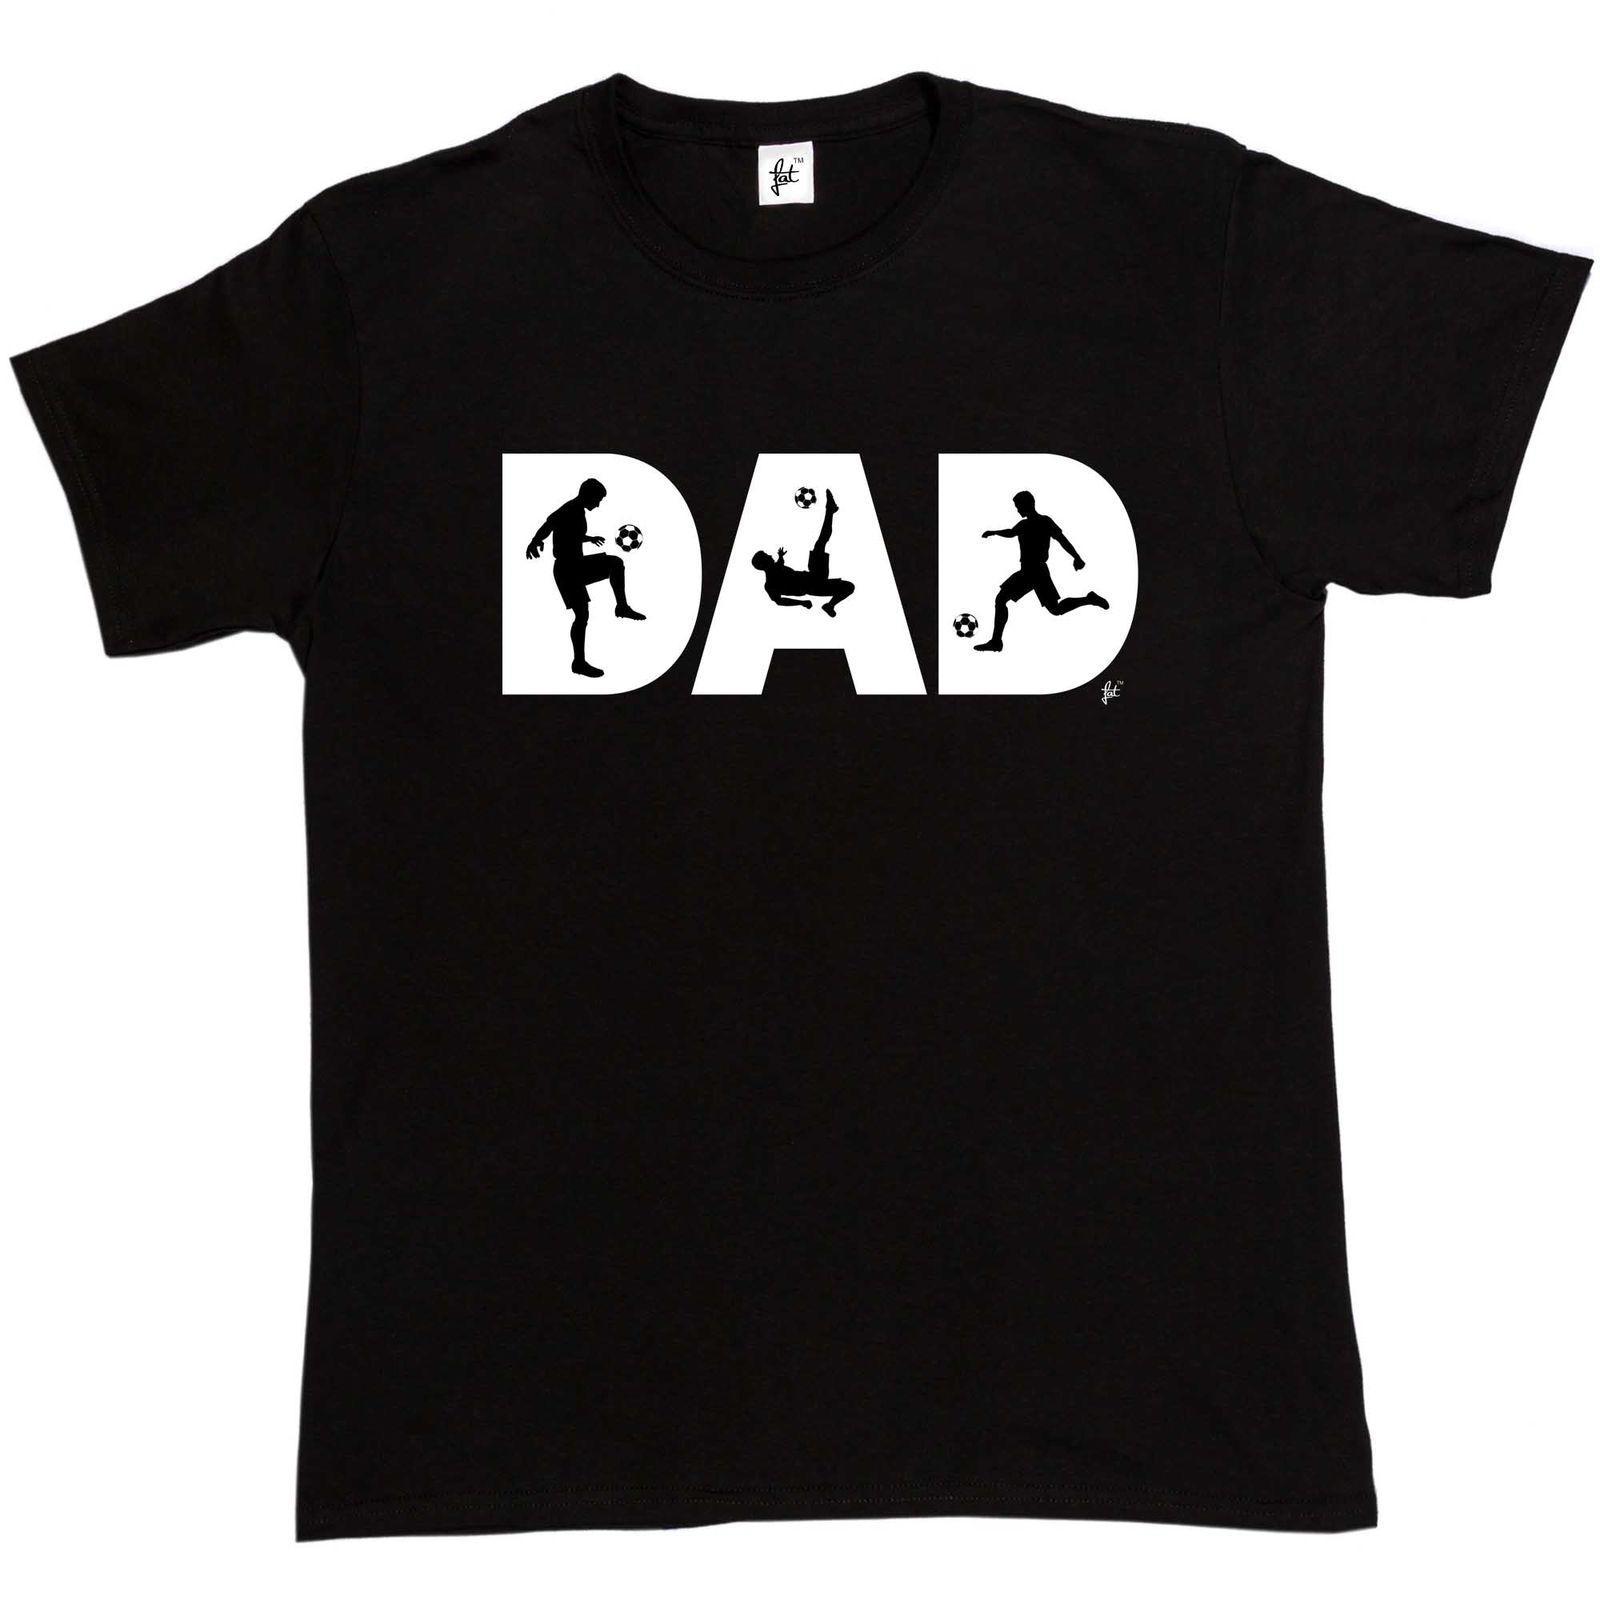 dce93a8a373a Großhandel Neueste 2018 Männer Mode Sportlichen Vater Rugbier Cricket  Golfer Tennis Dad Väter Tag Herren T Shirt Heißer T Shirt Von Conbostore,  ...